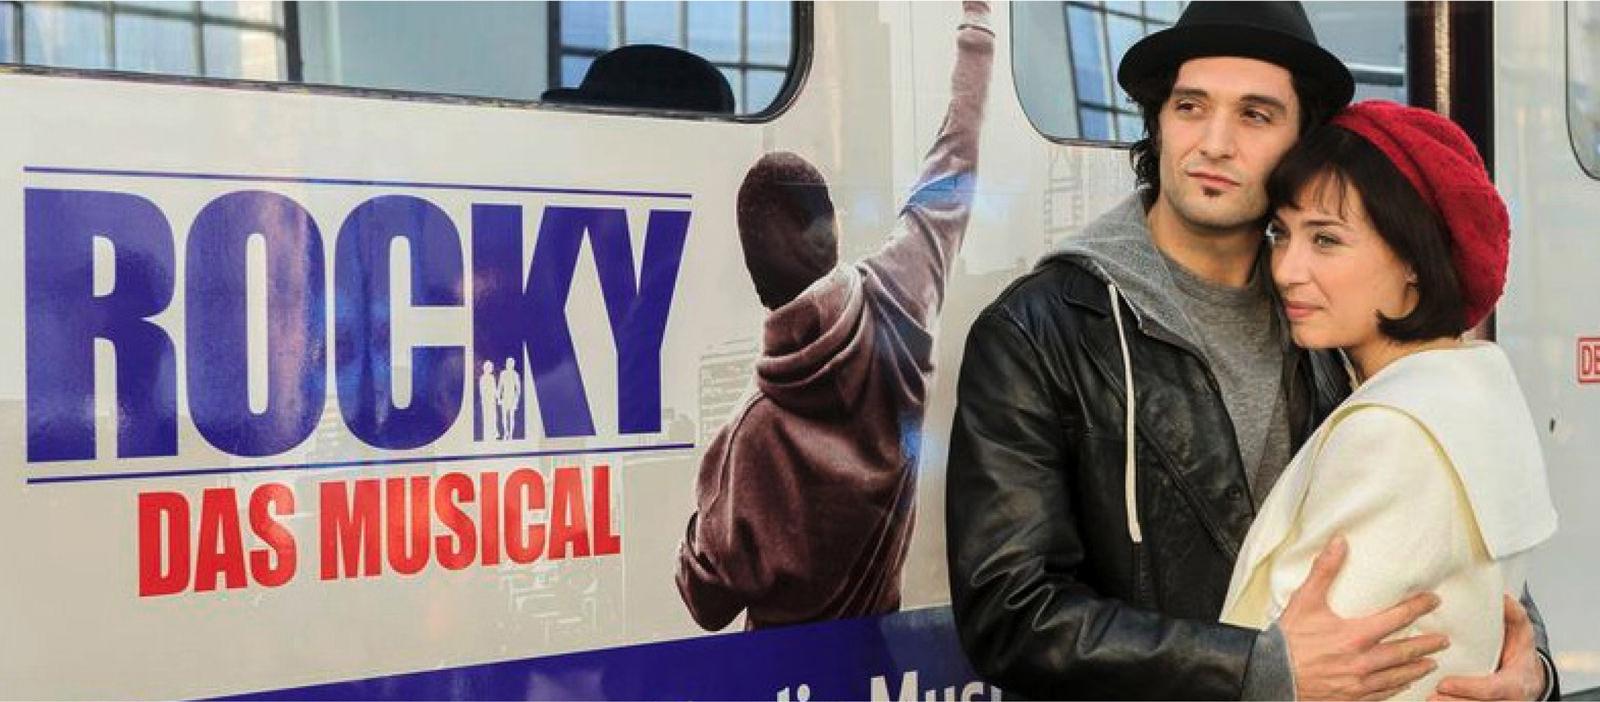 Mützen Anfertigung für das Musical Rocky